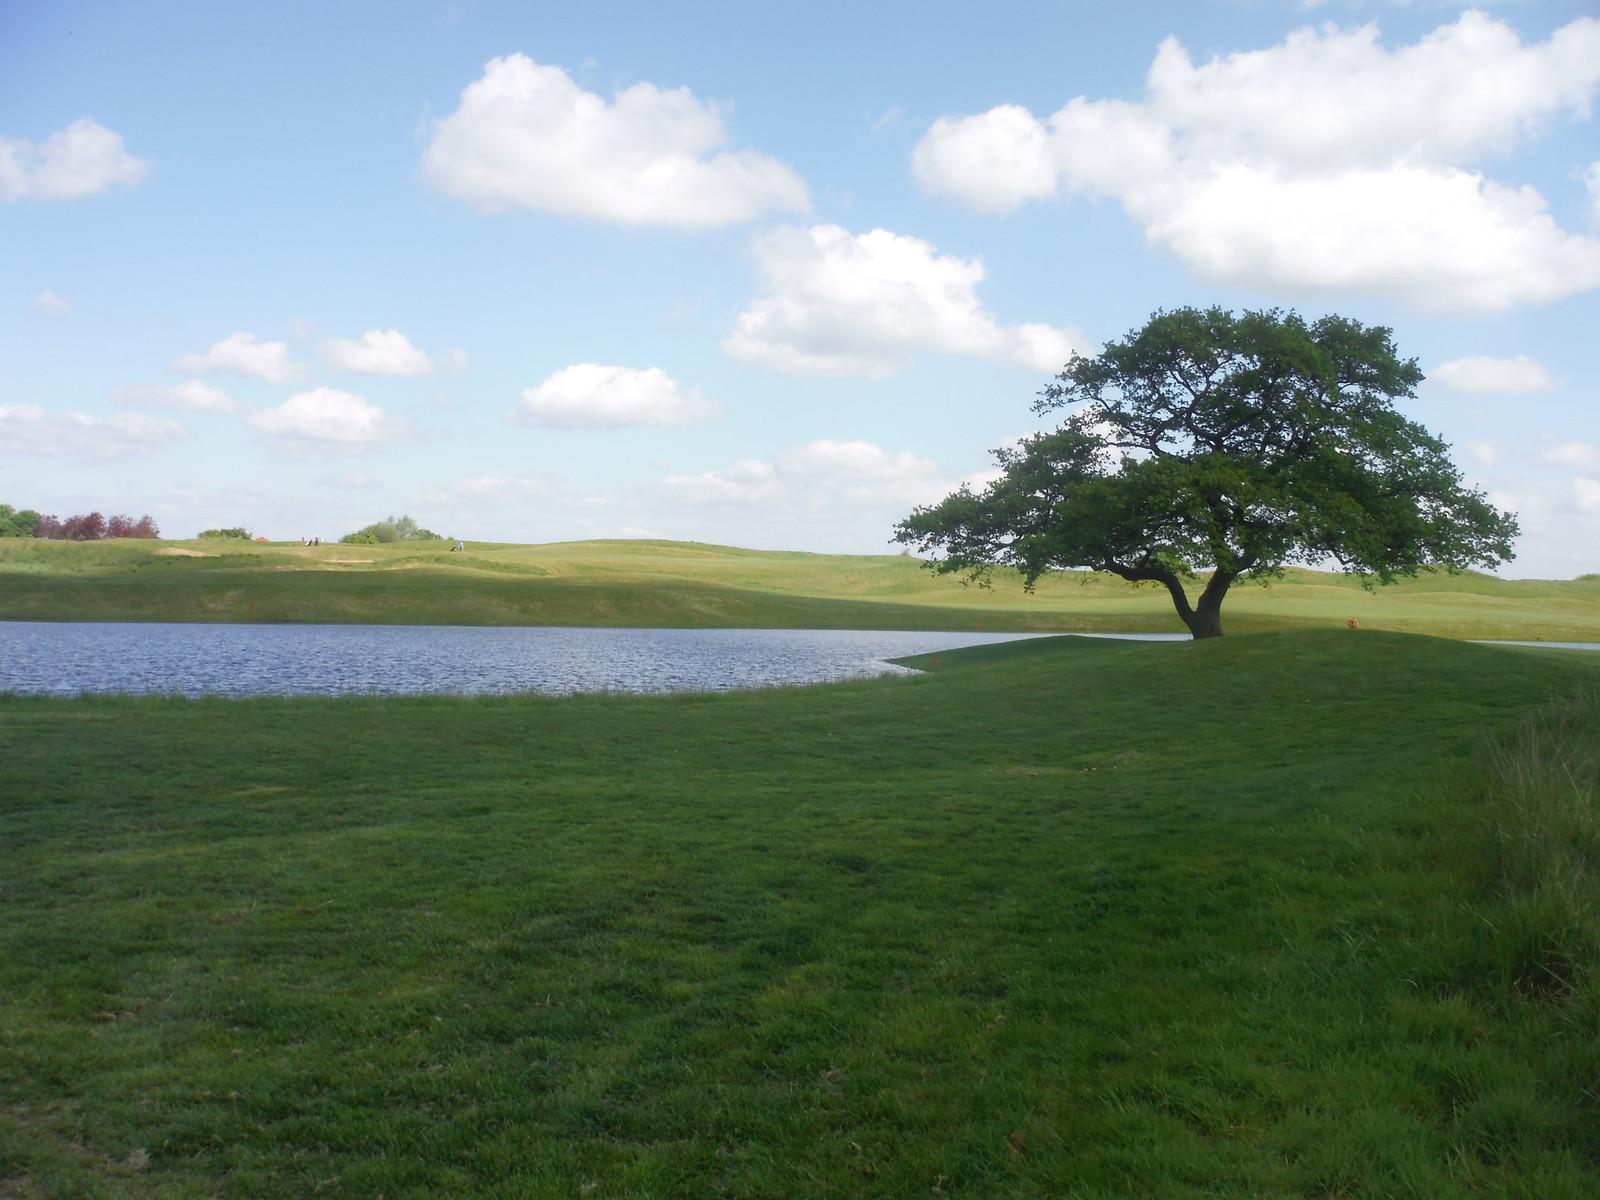 Oxfordshire Golf Club (I) SWC Walk 190 - Thame Circular